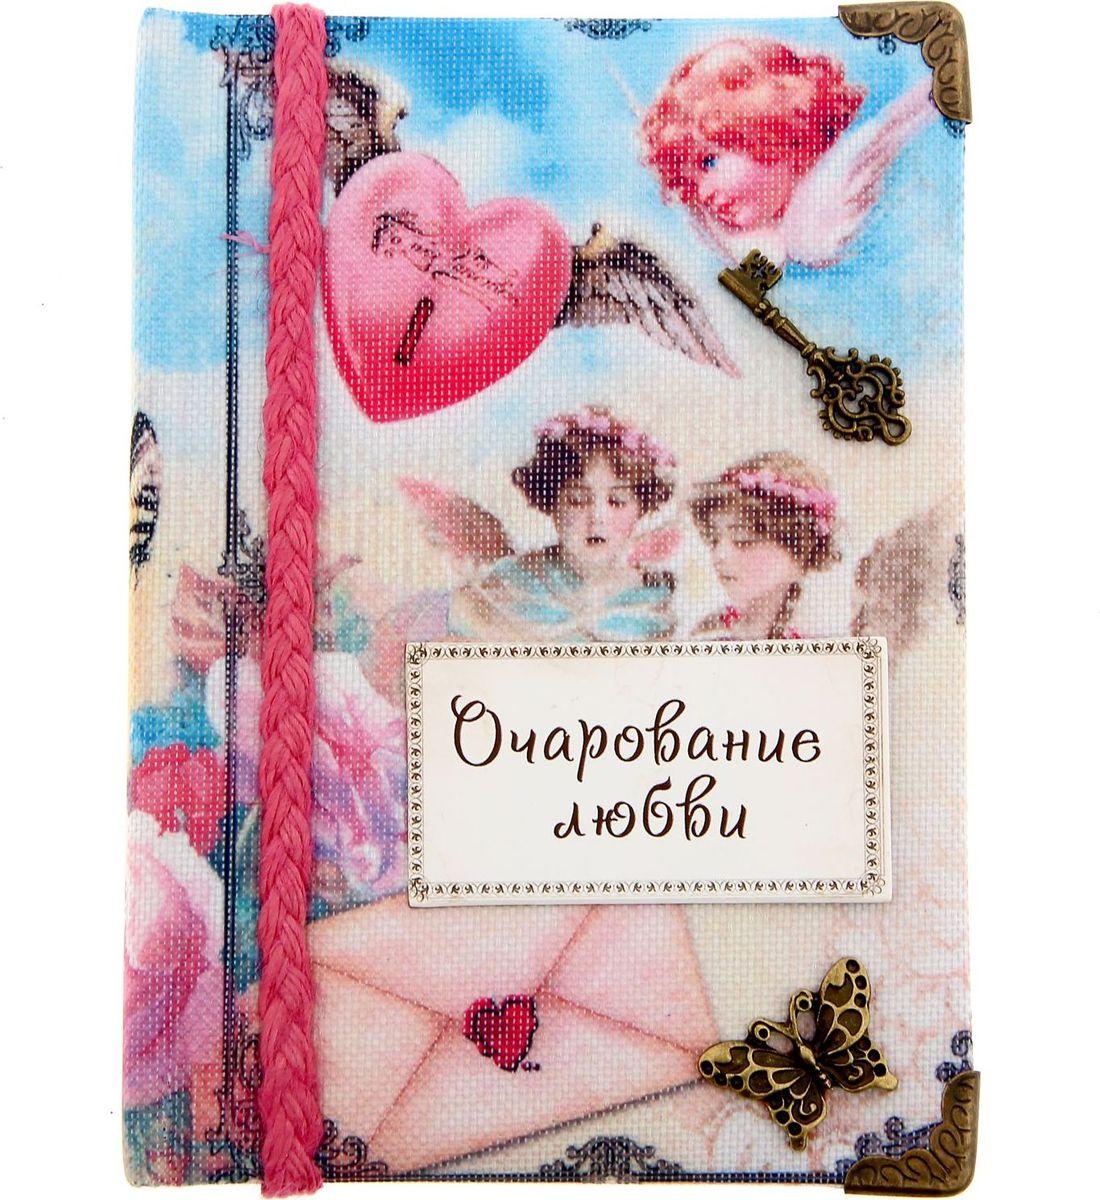 Записная книжка Очарование любви 70 листов